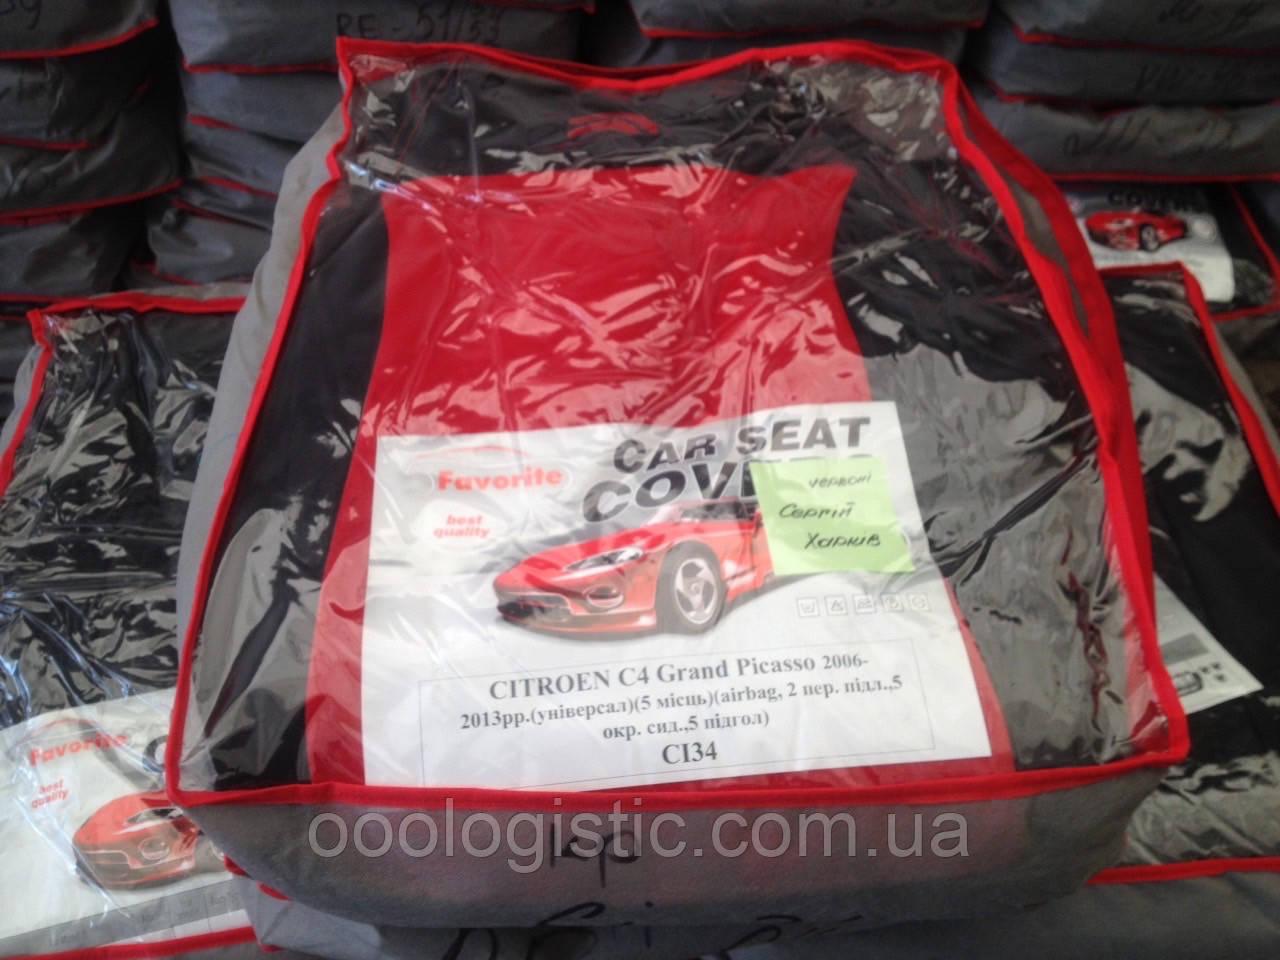 Авточехлы на Citroen C4 Grand Picasso 2006-2013 Favorite универсал 5 мест